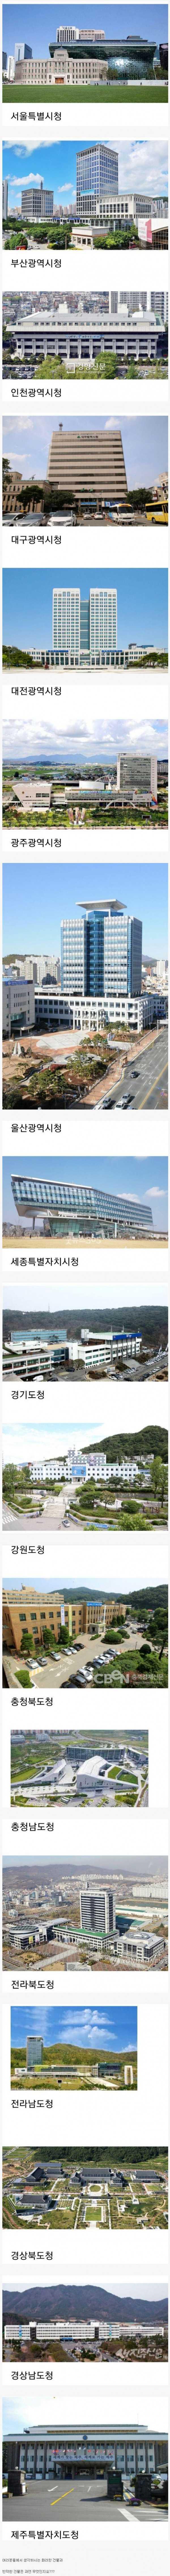 전국 지자체 건물 외관 비교.jpg